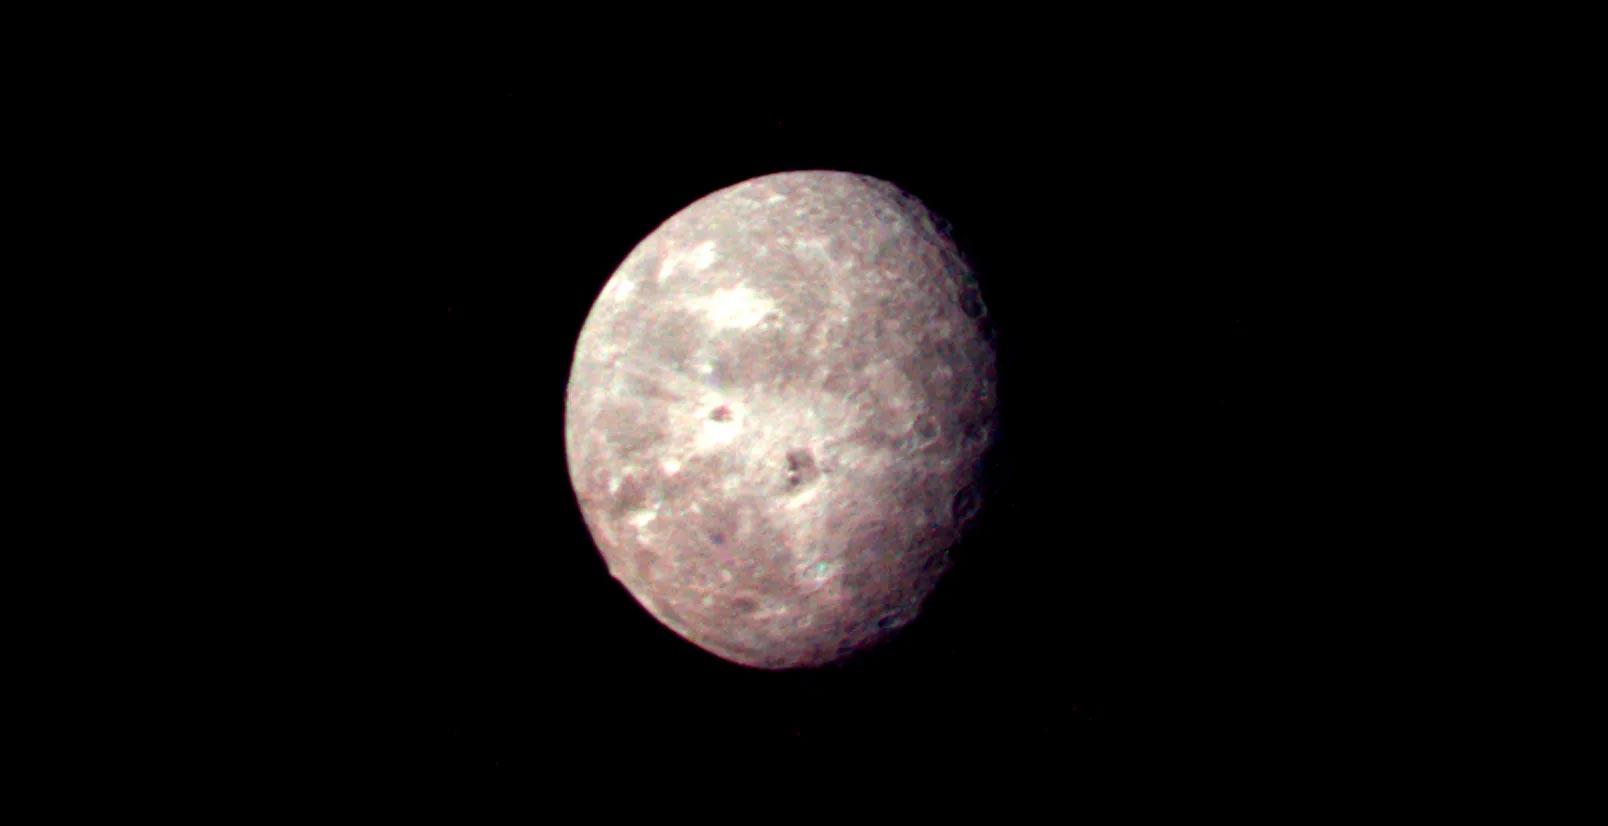 Фото спутника Оберон сделанное «Вояджером-2» с расстояния 660 тыс. км. Похож на Луну